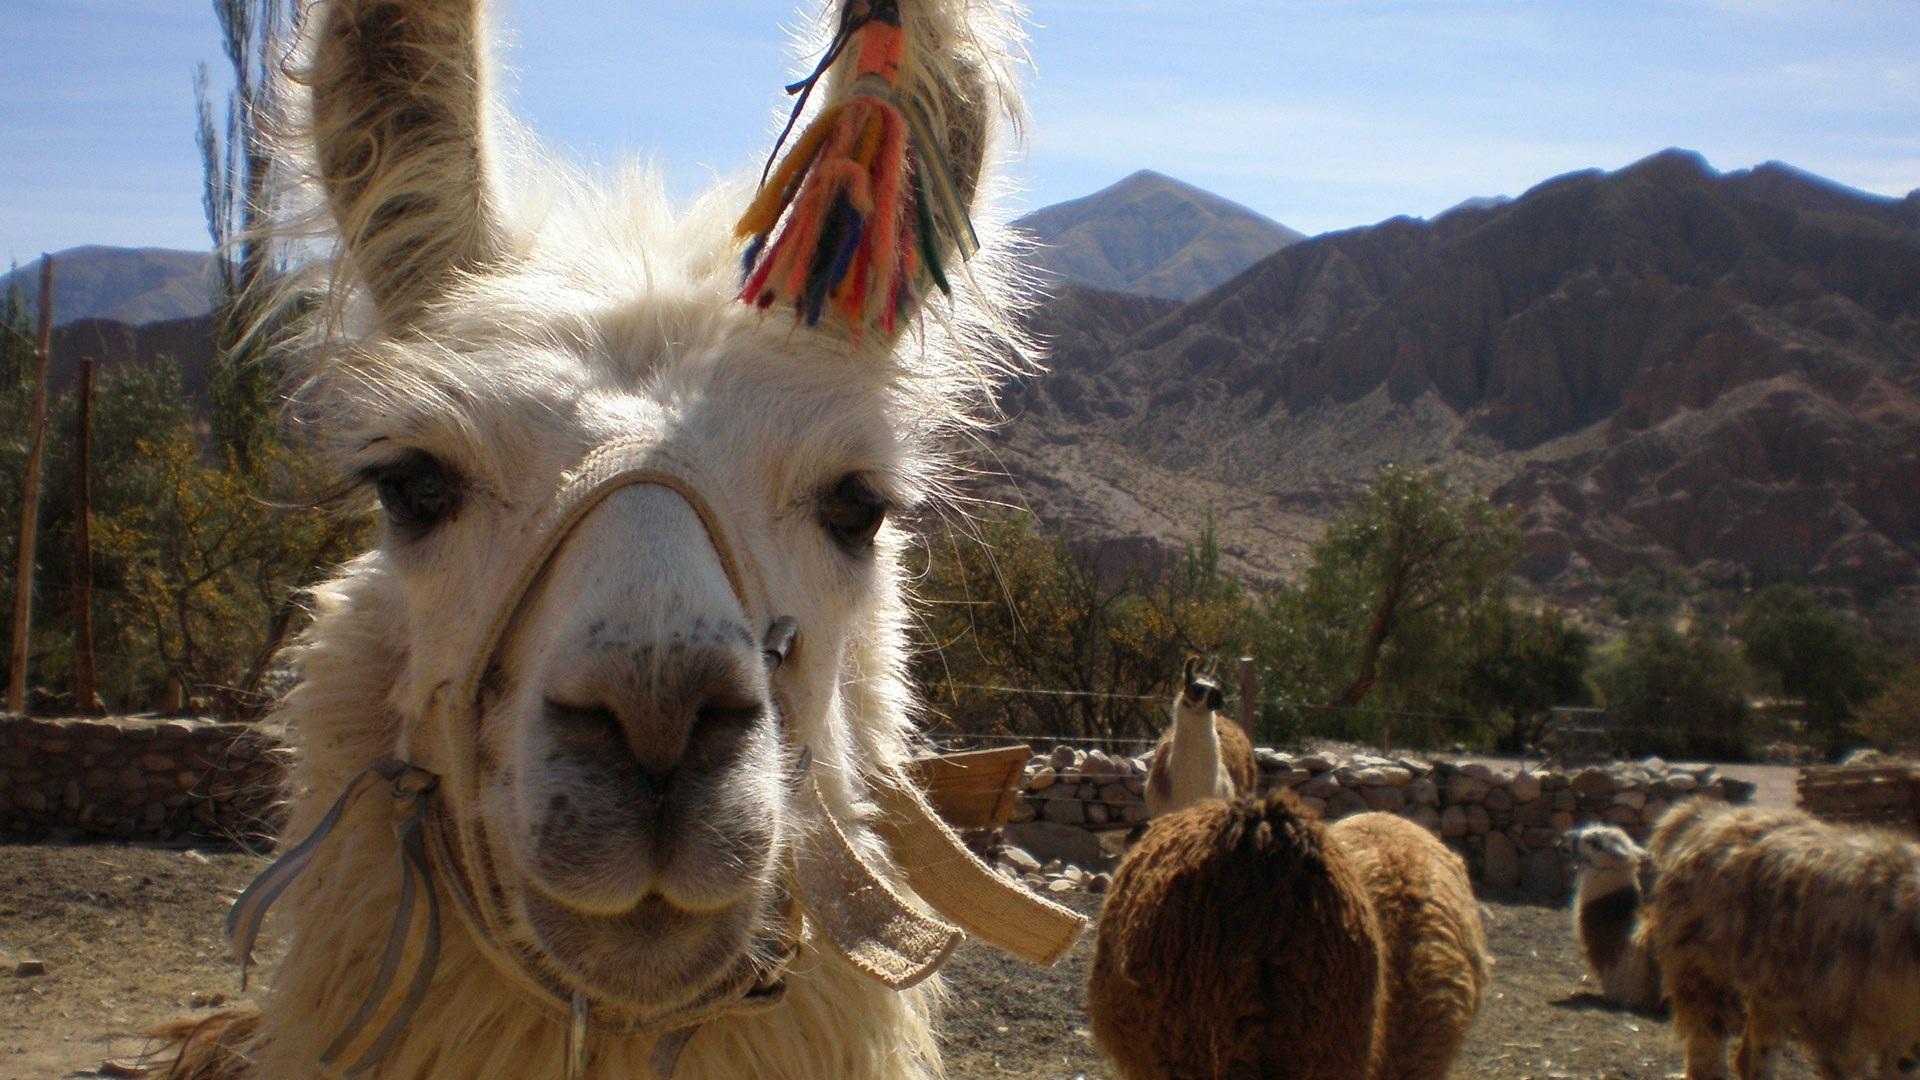 15-melhores-lugares-para-viajar-esse-ano-2018-bolivia-2 15 melhores lugares para viajar esse ano 2018